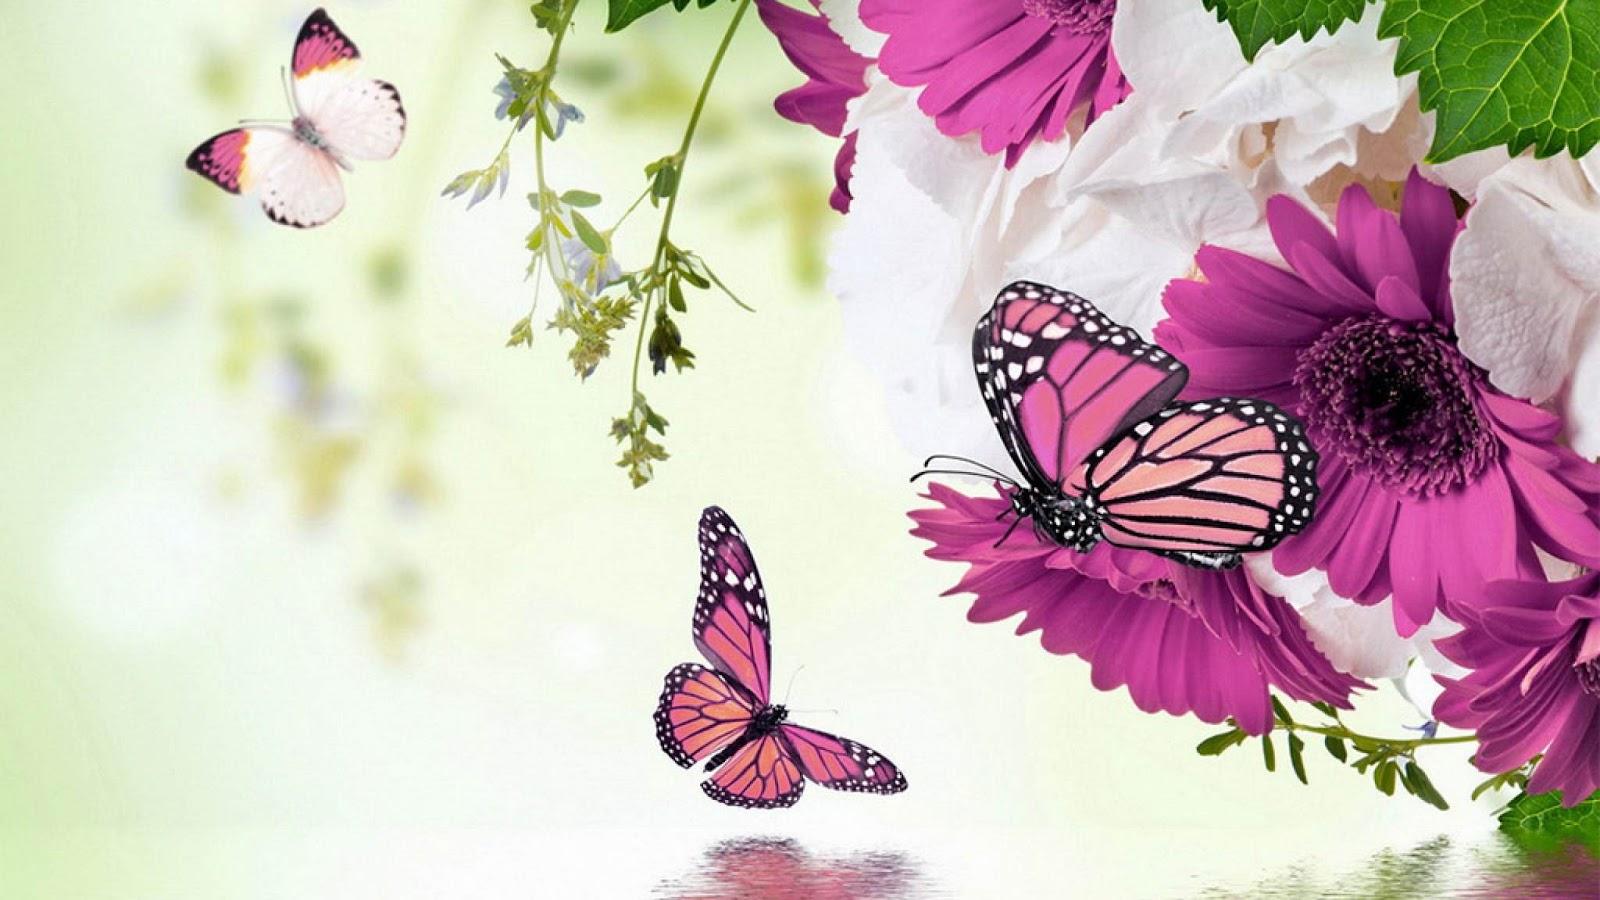 flores con mariposas para fondo de pantalla